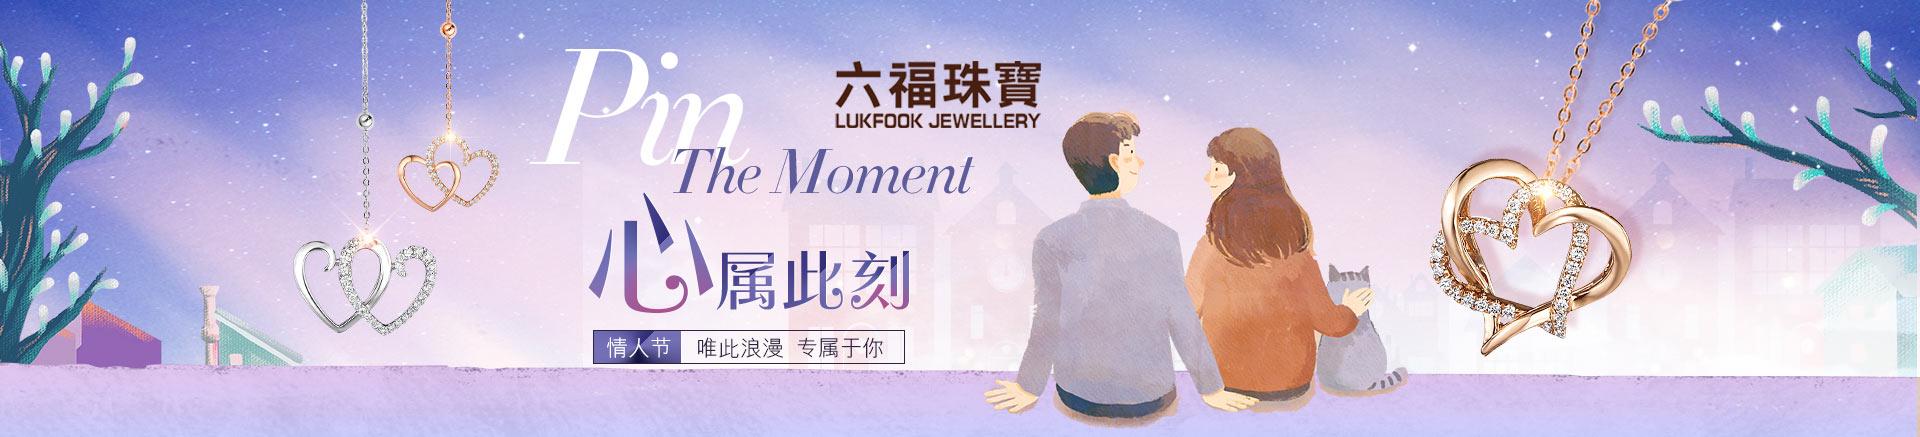 六福珠宝官方旗舰店返利活动